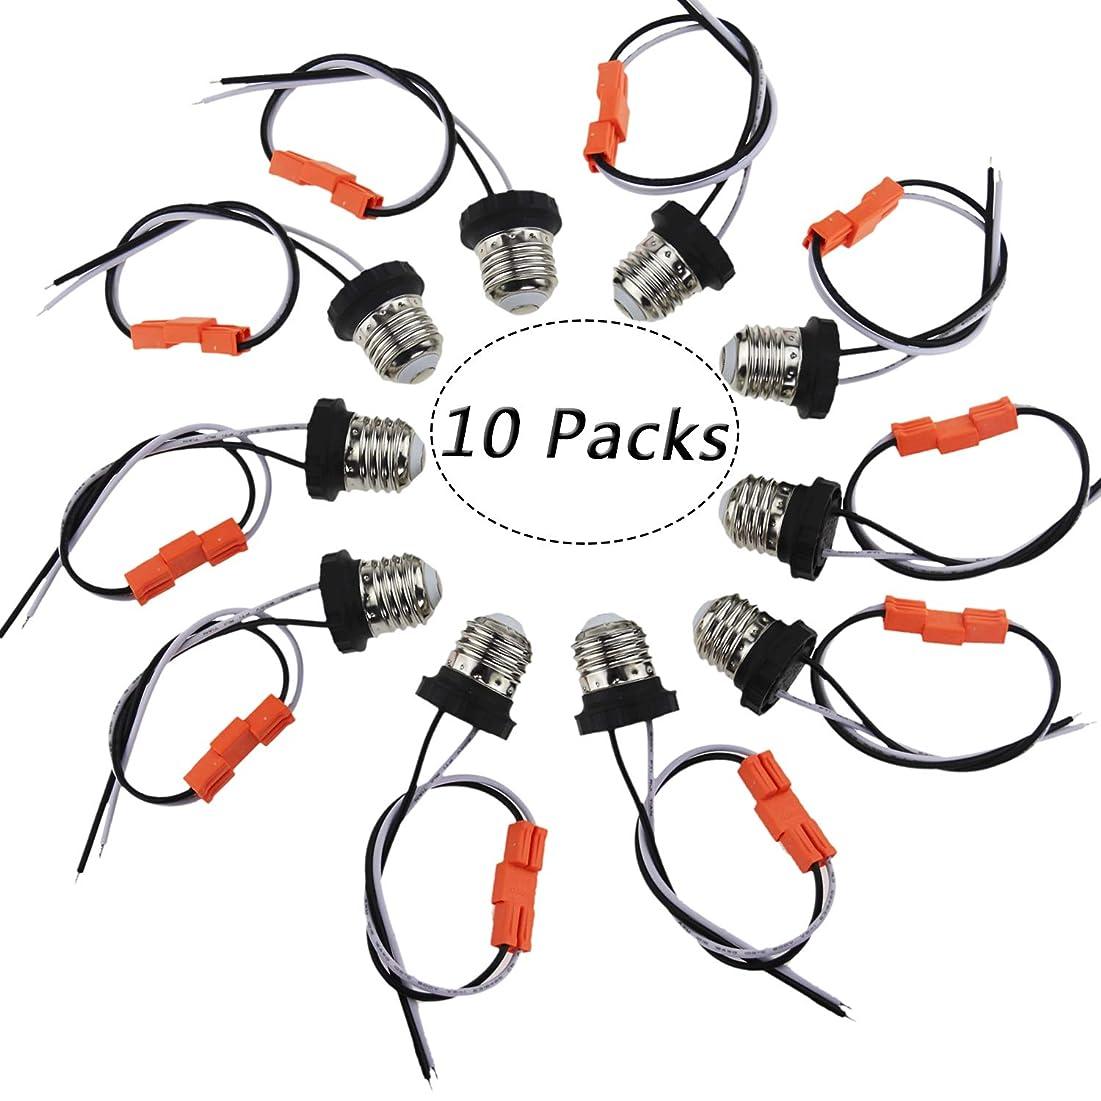 払い戻し遮る散歩に行くRextin LEDシーリングライト ミディアム エジソン E26 ソケットアダプターベース オスねじ 電球ソケット ピグテール ダウンライト用 5個パック